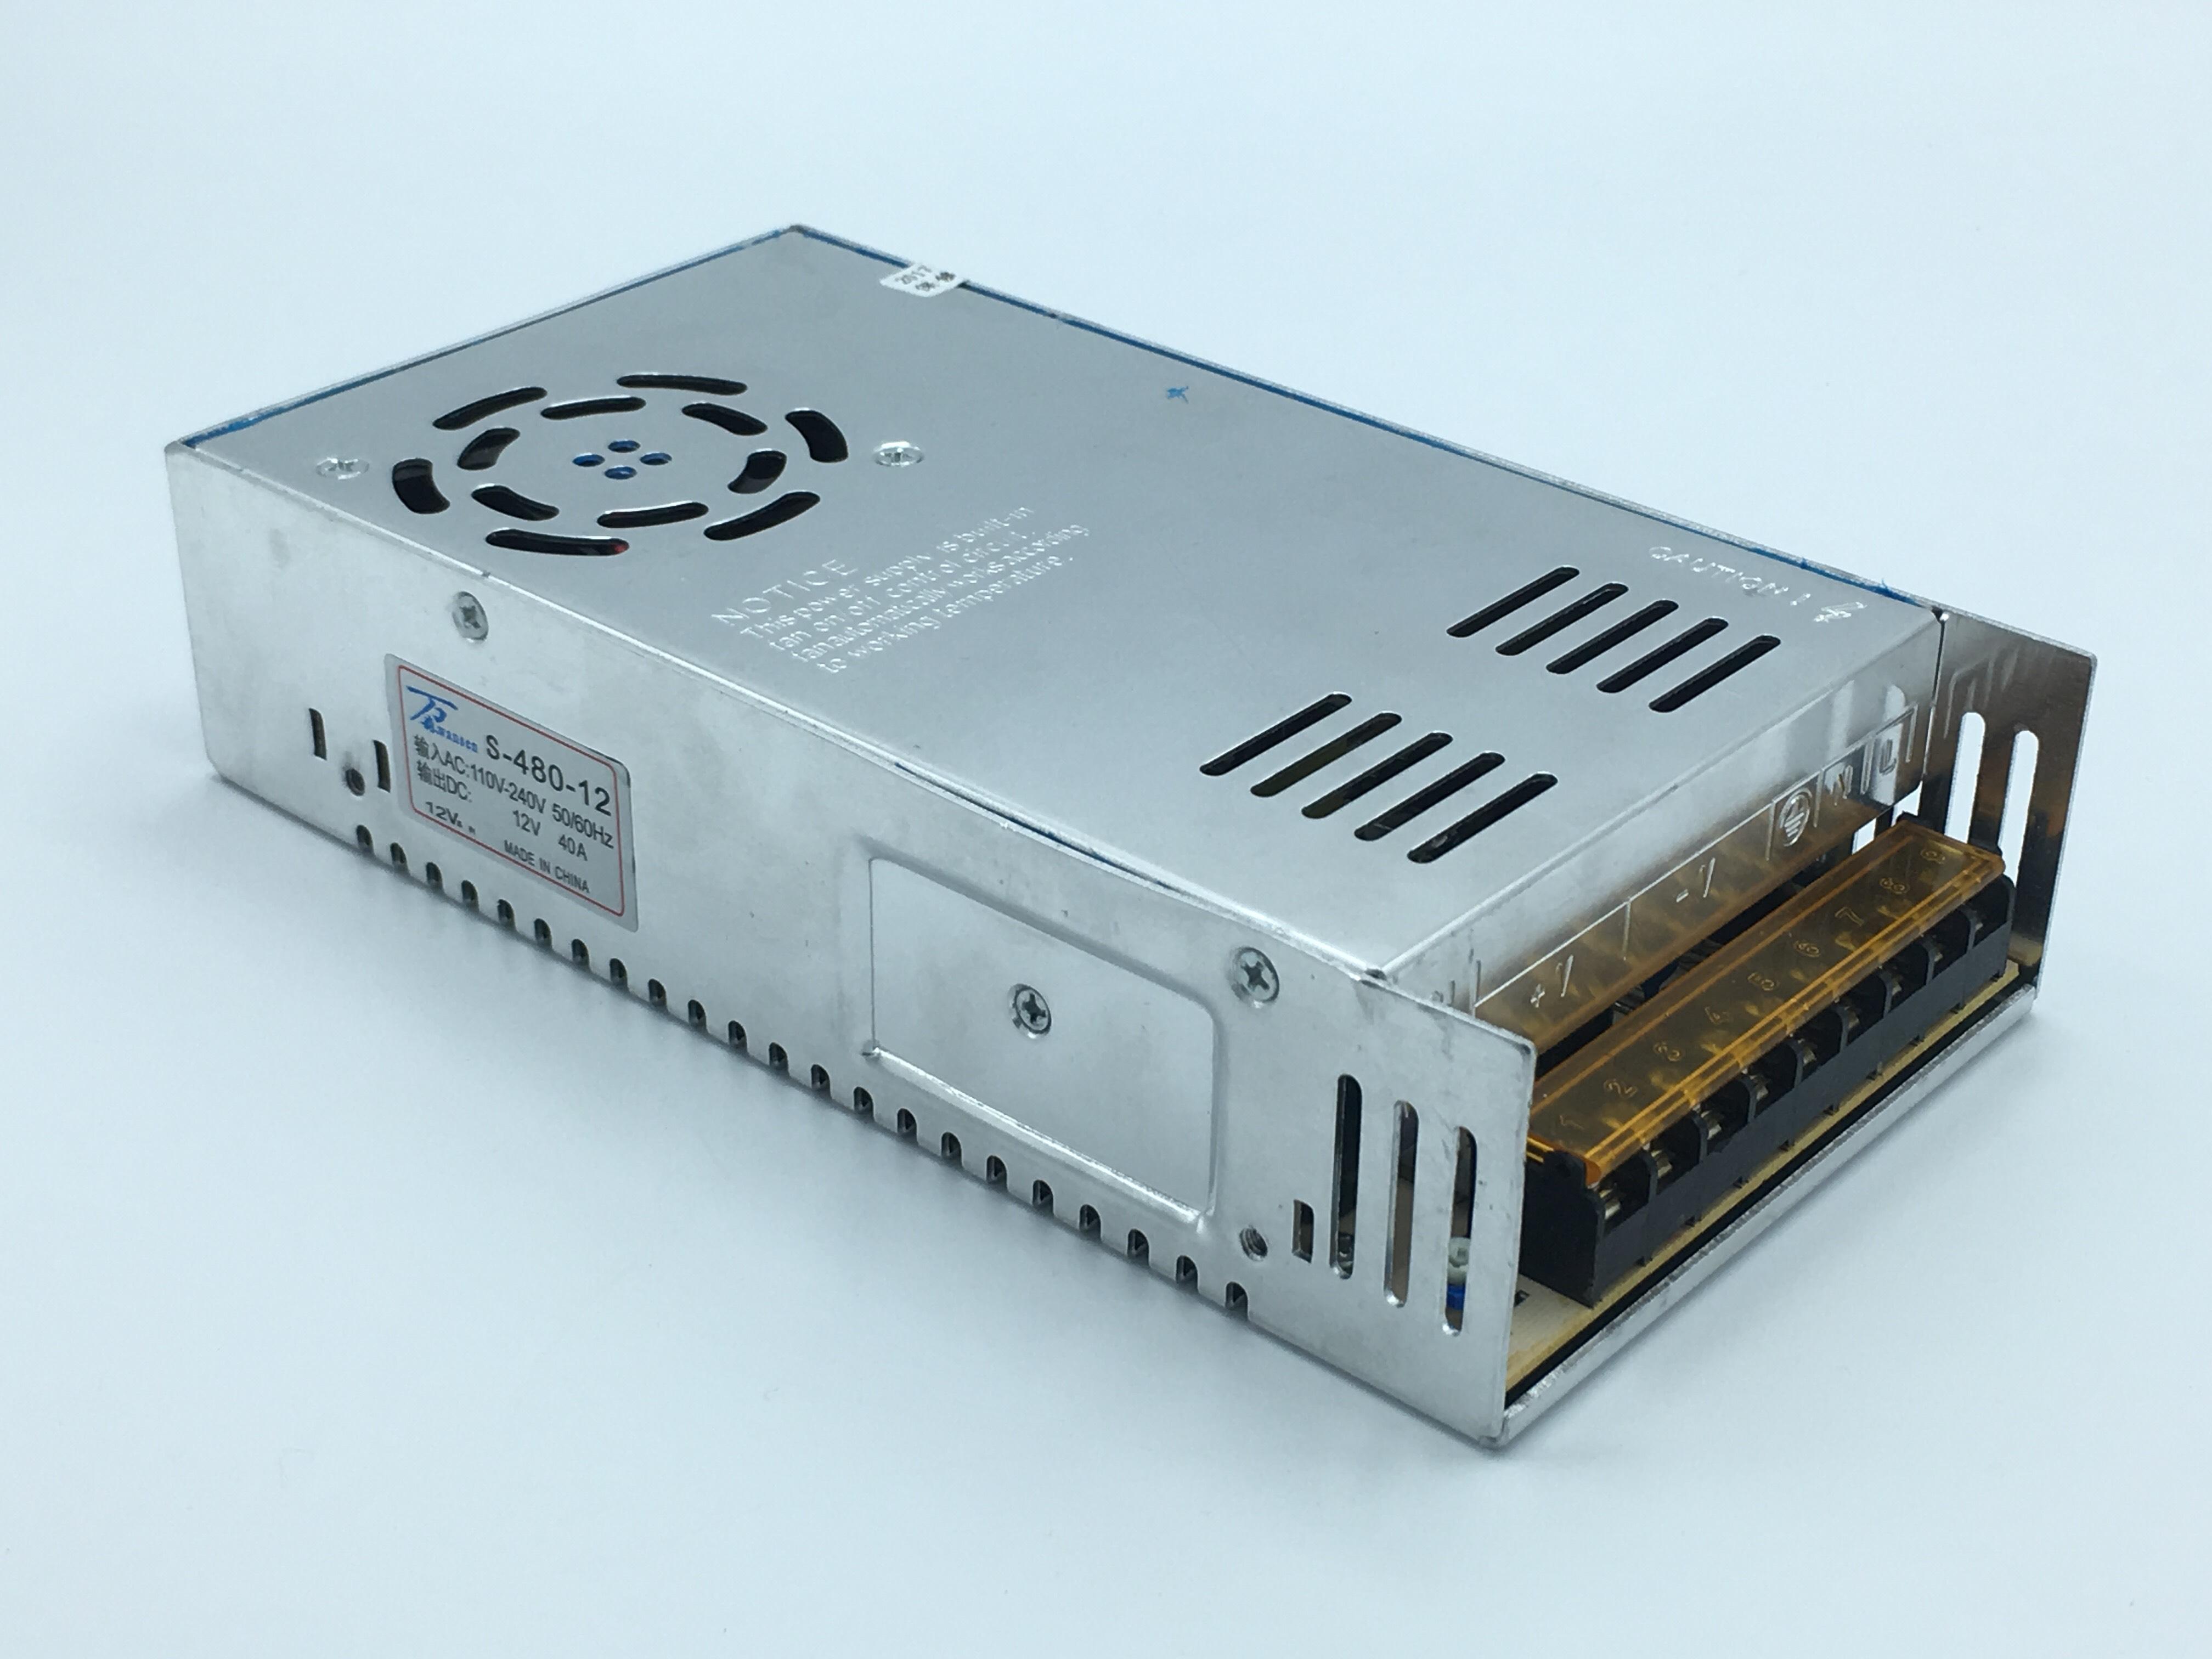 หม้อแปลงไฟฟ้า 220VAC 12VDC 40A